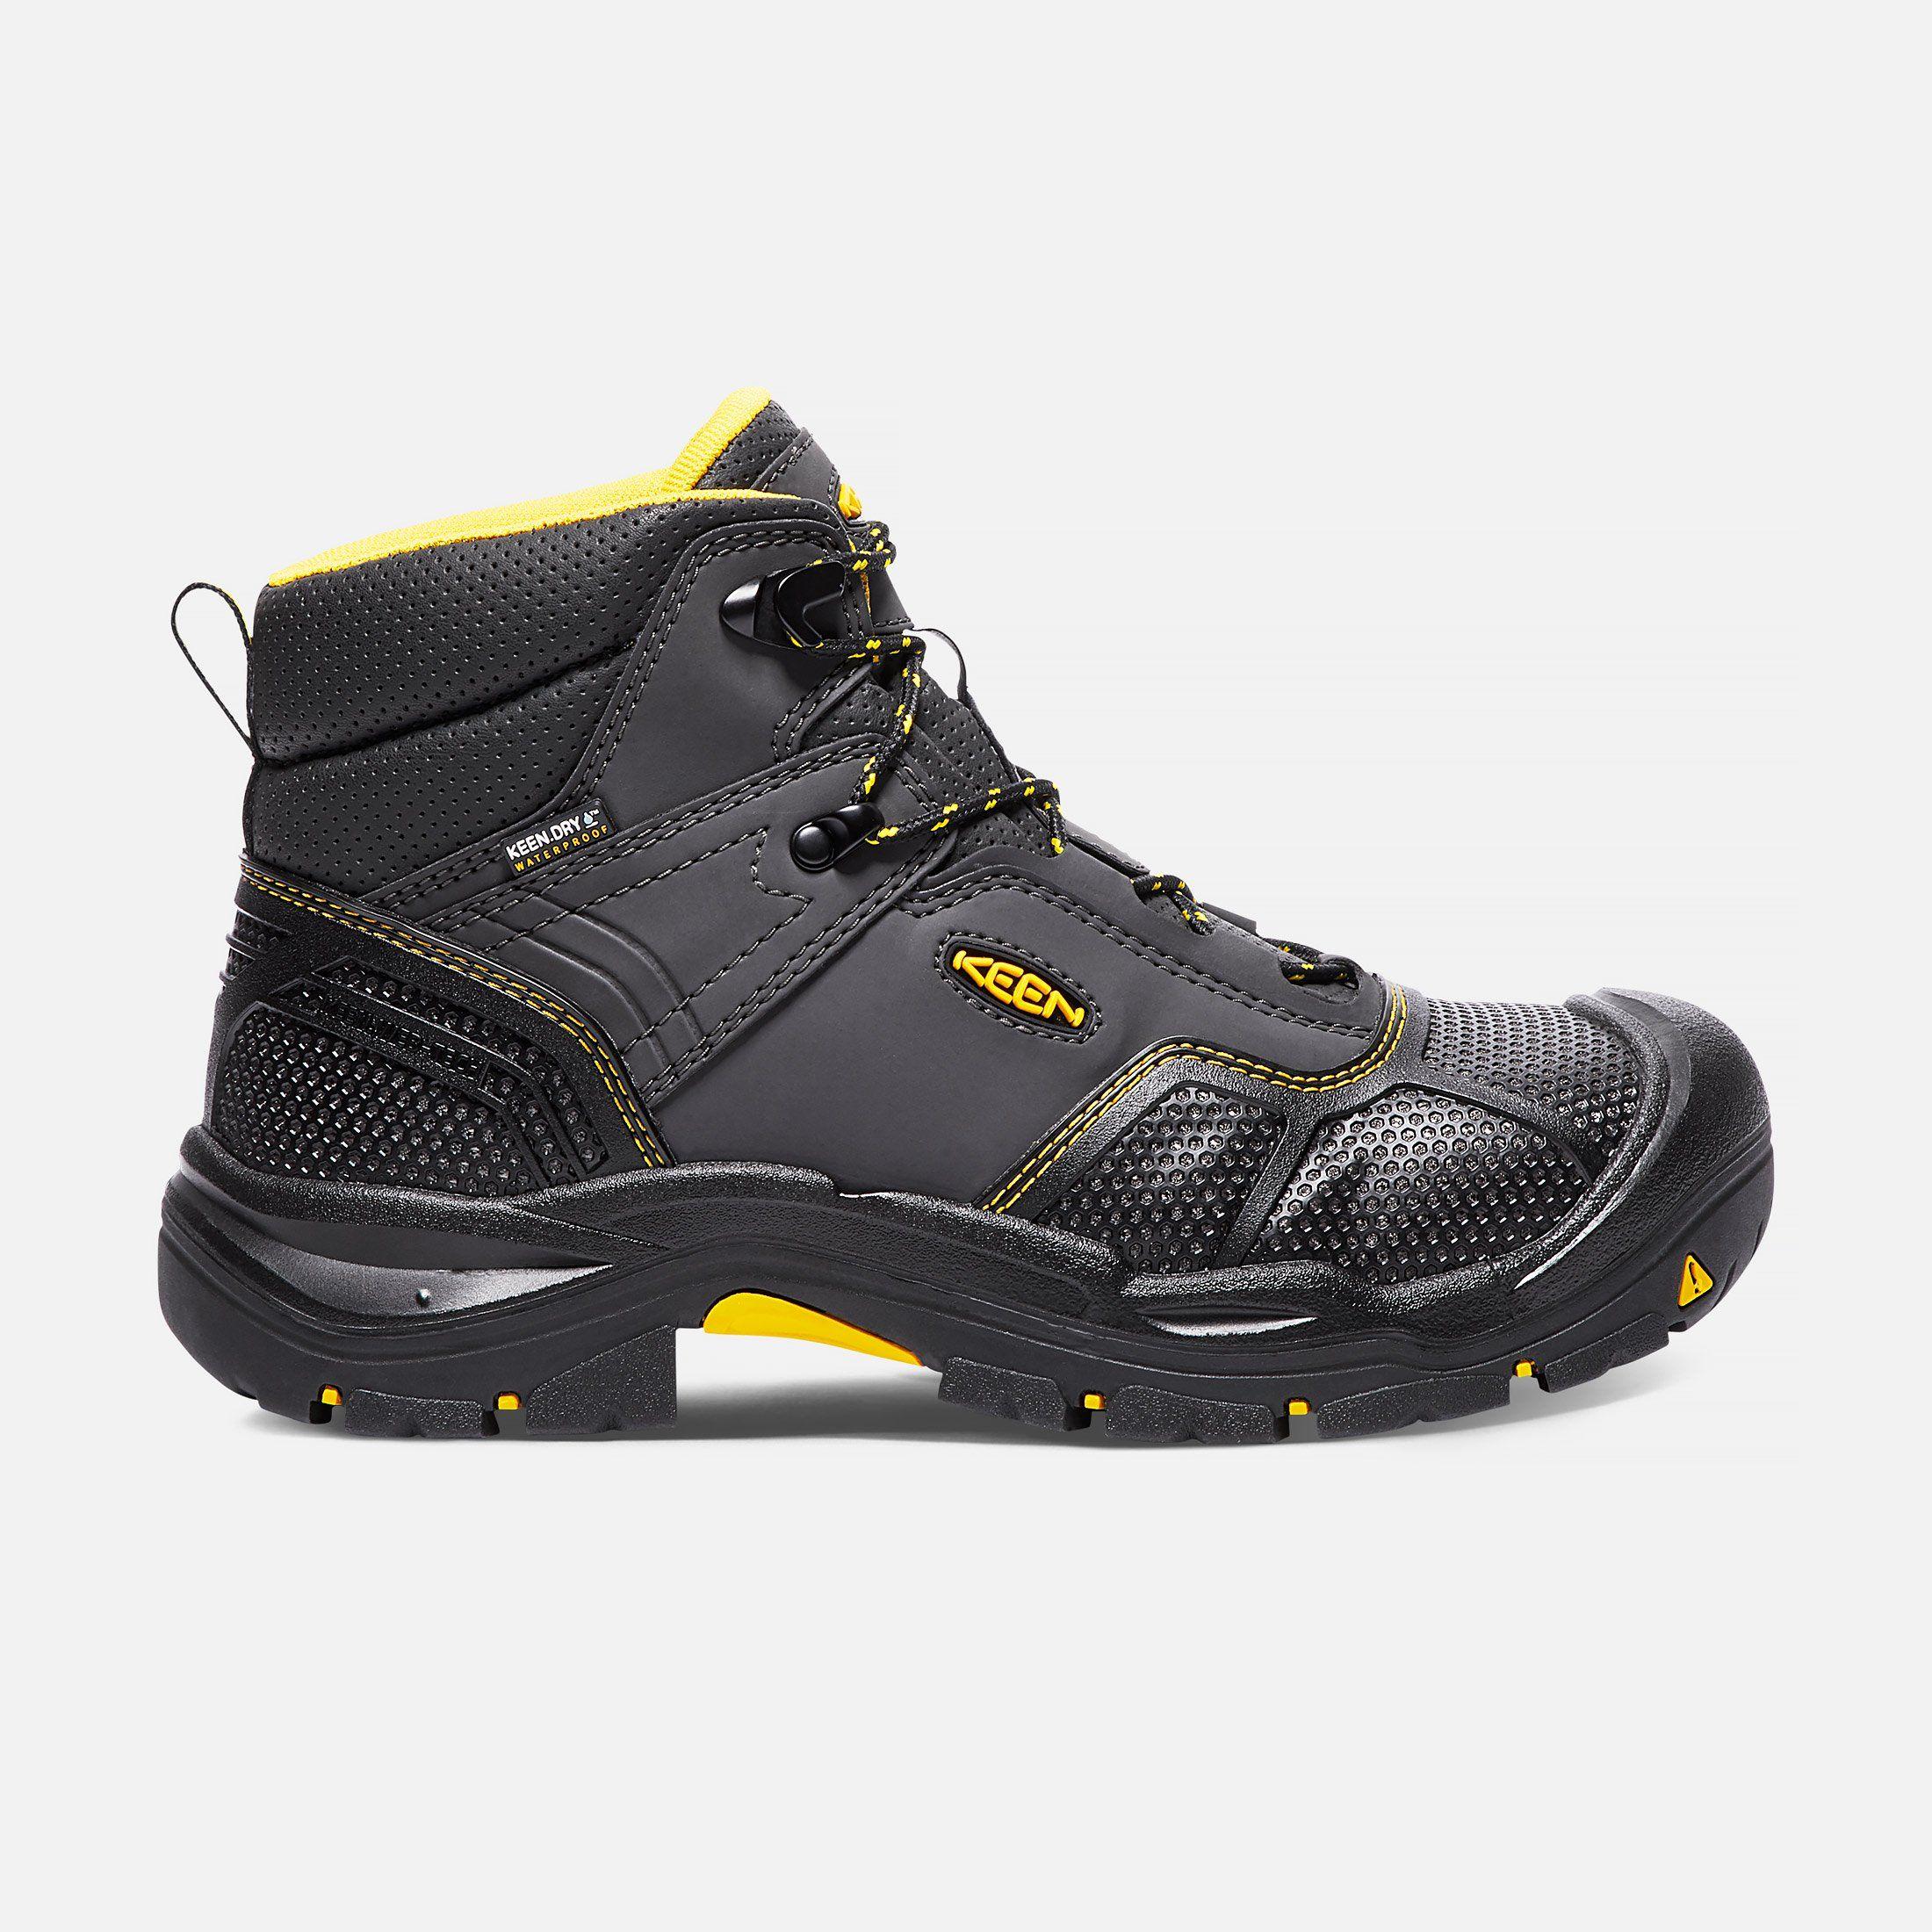 Keen Men's Waterproof Steel Toe Boots Logandale, 9 Wide